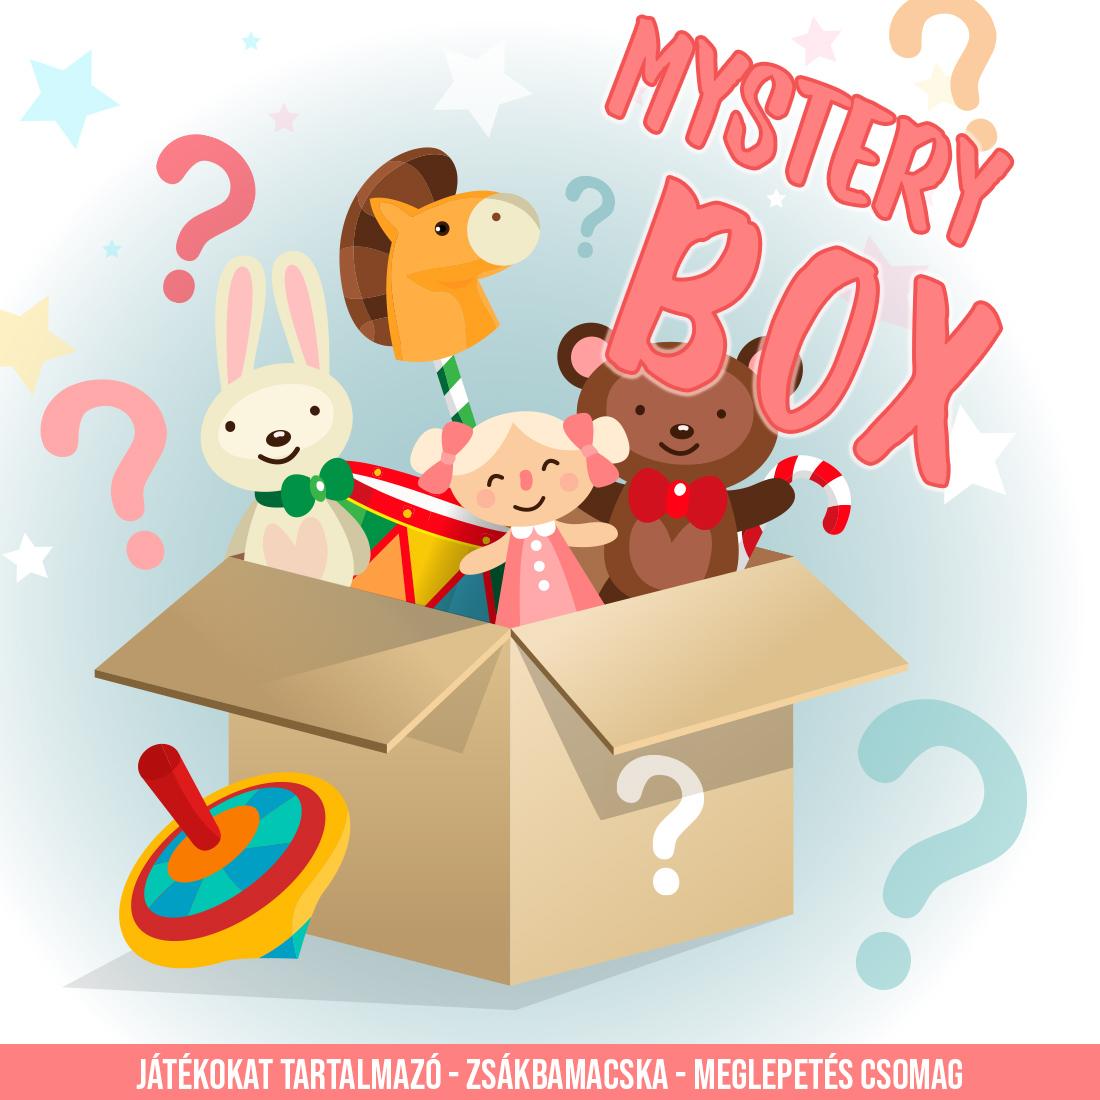 MYSTERY BOX (JÁTÉKOK) 10 db meglepetés termék 29990.-Ft helyett 9990.-Ft